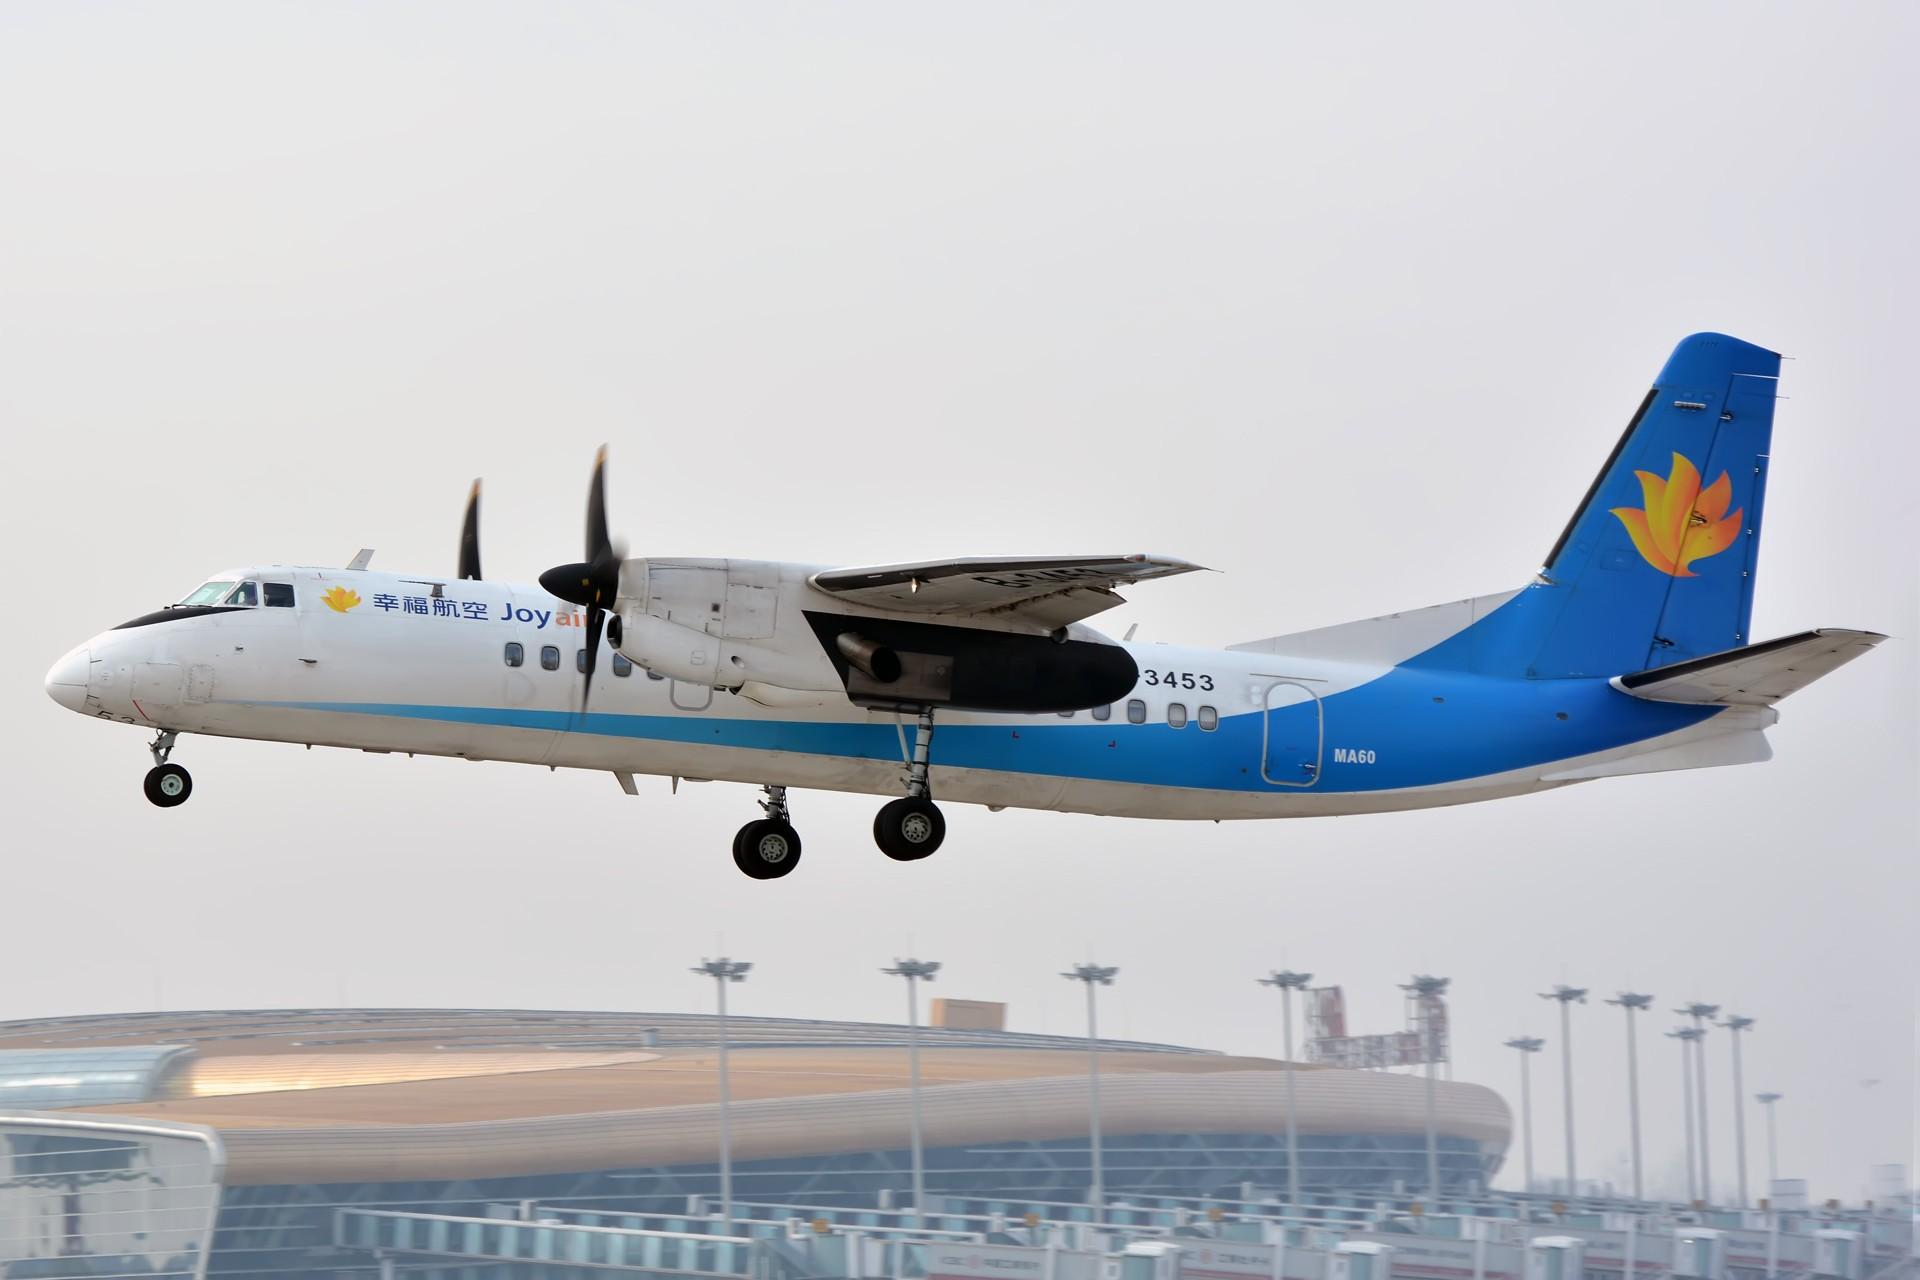 [原创]【多图党】除了电风扇就是常规货大图 XIAN AIRCRAFT MA 60 B-3453 中国合肥新桥国际机场